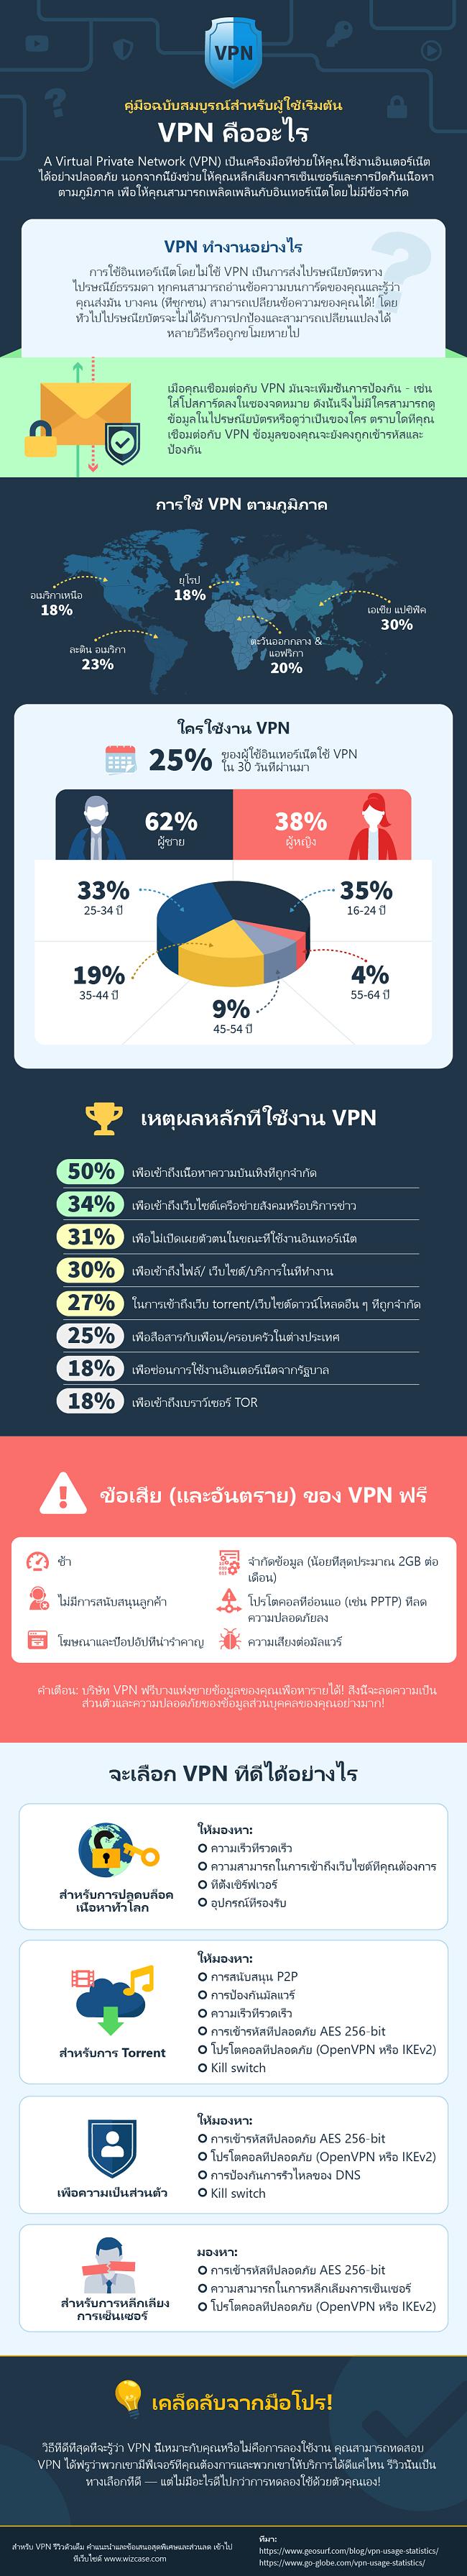 อินโฟกราฟิกบน VPN คืออะไร